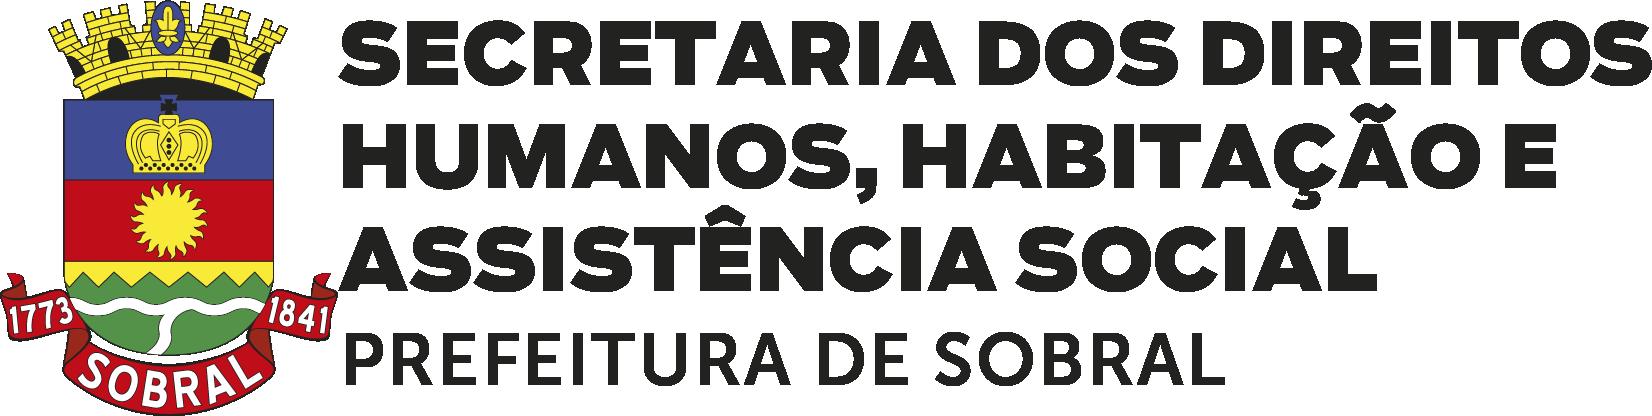 Direitos Humanos, Habitação e Assist. Social